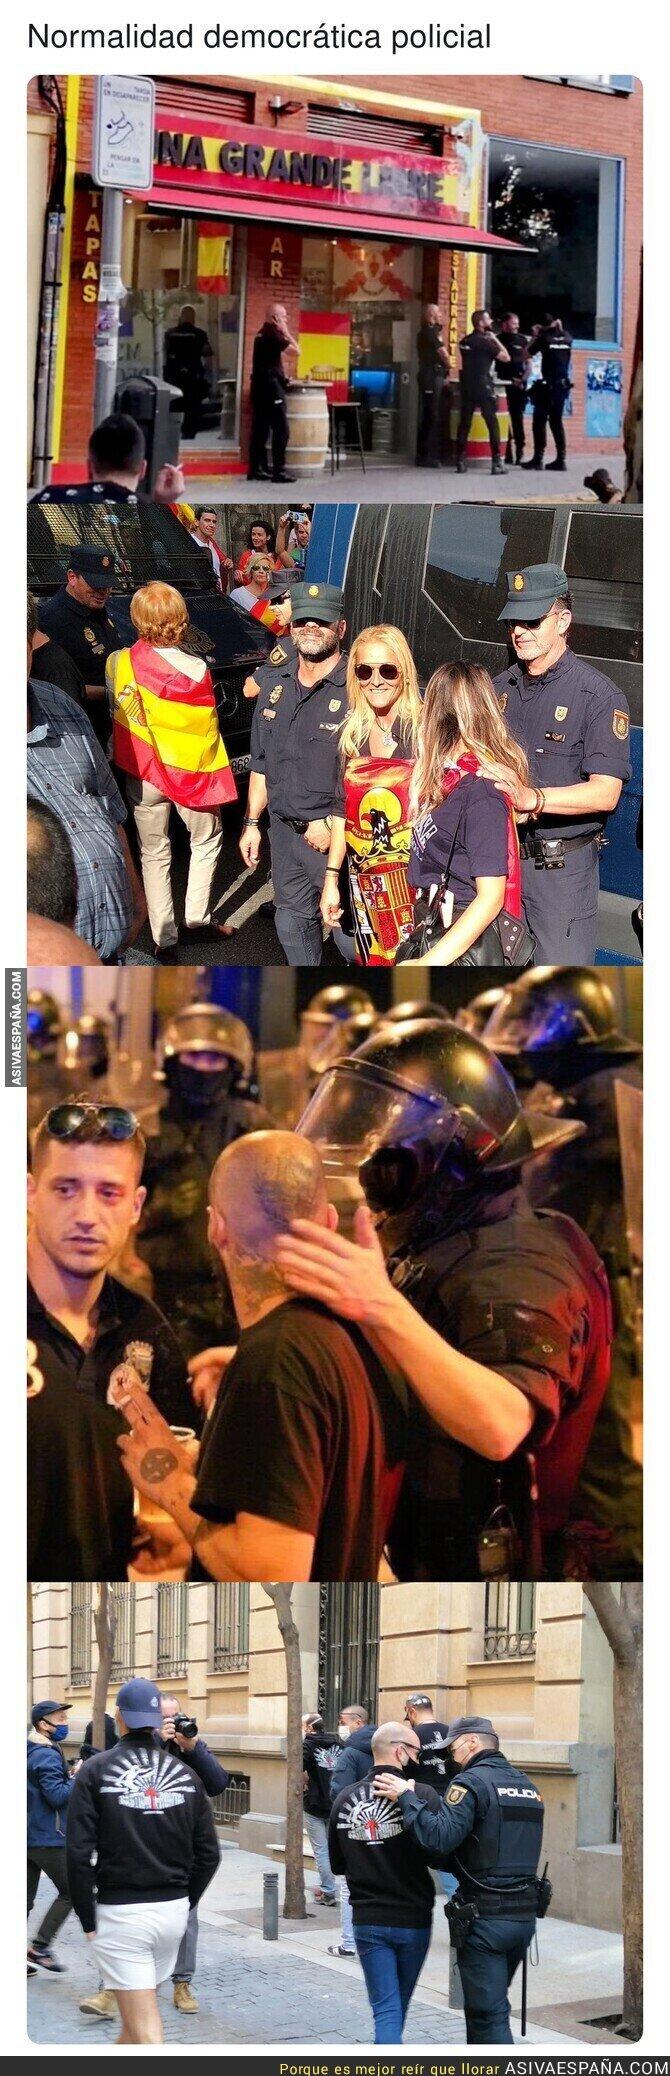 625656 - España no avanza con estos comportamientos de los cuerpos de seguridad